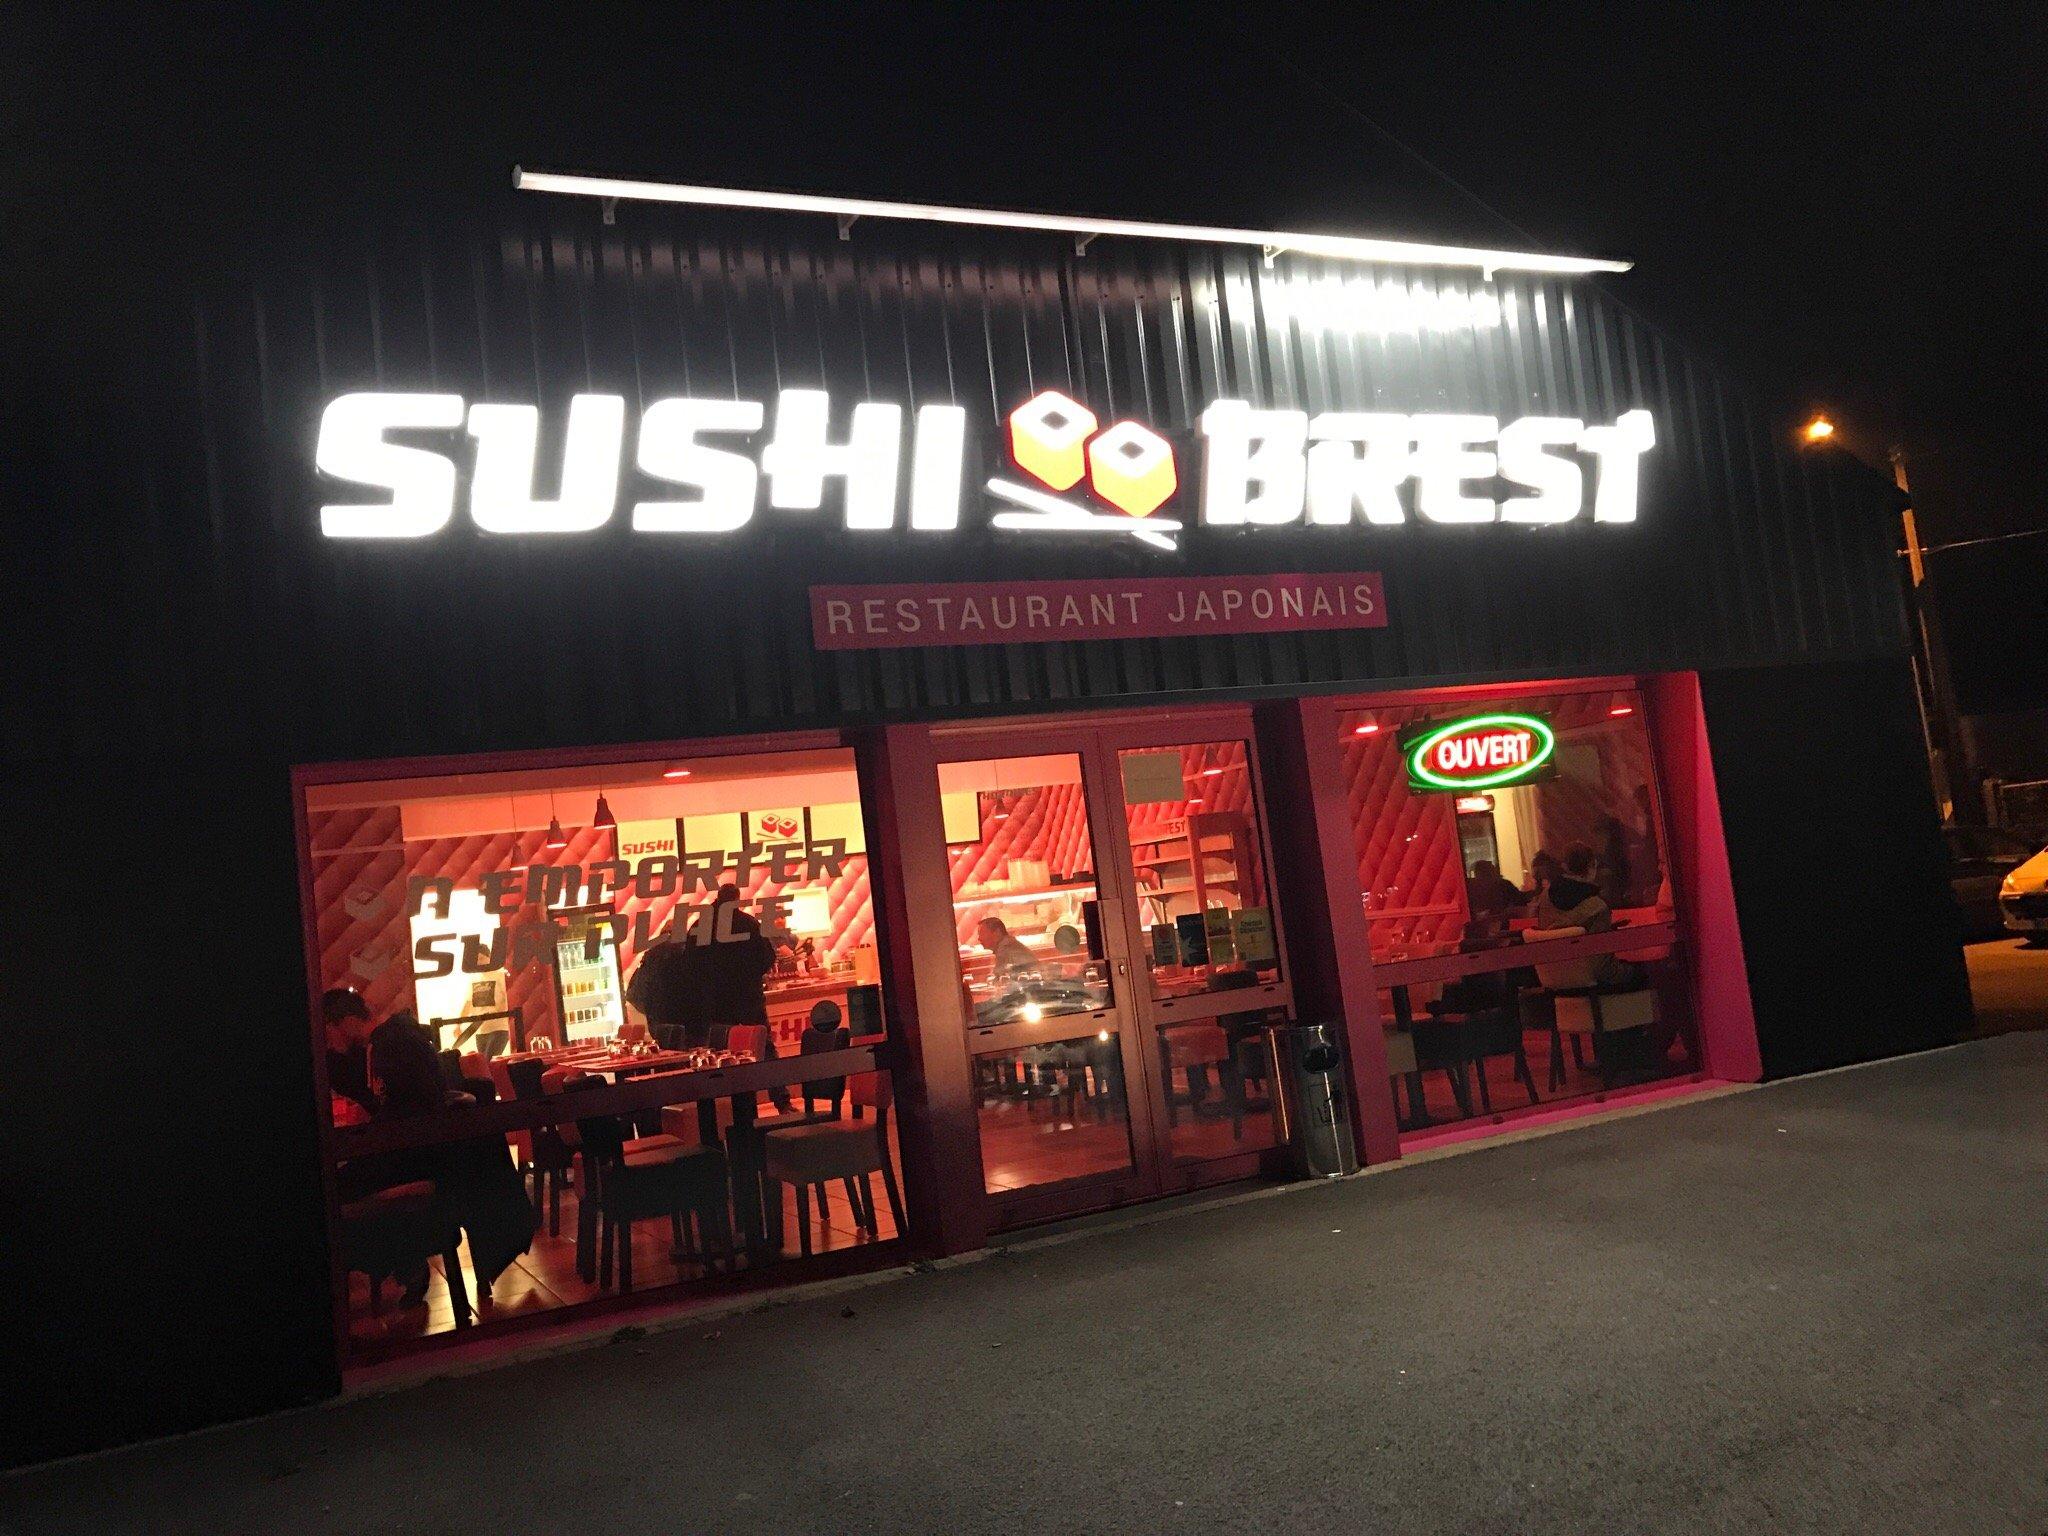 Sushi Jardin Best Of Sushi Brest Restaurant Reviews S & Phone Number